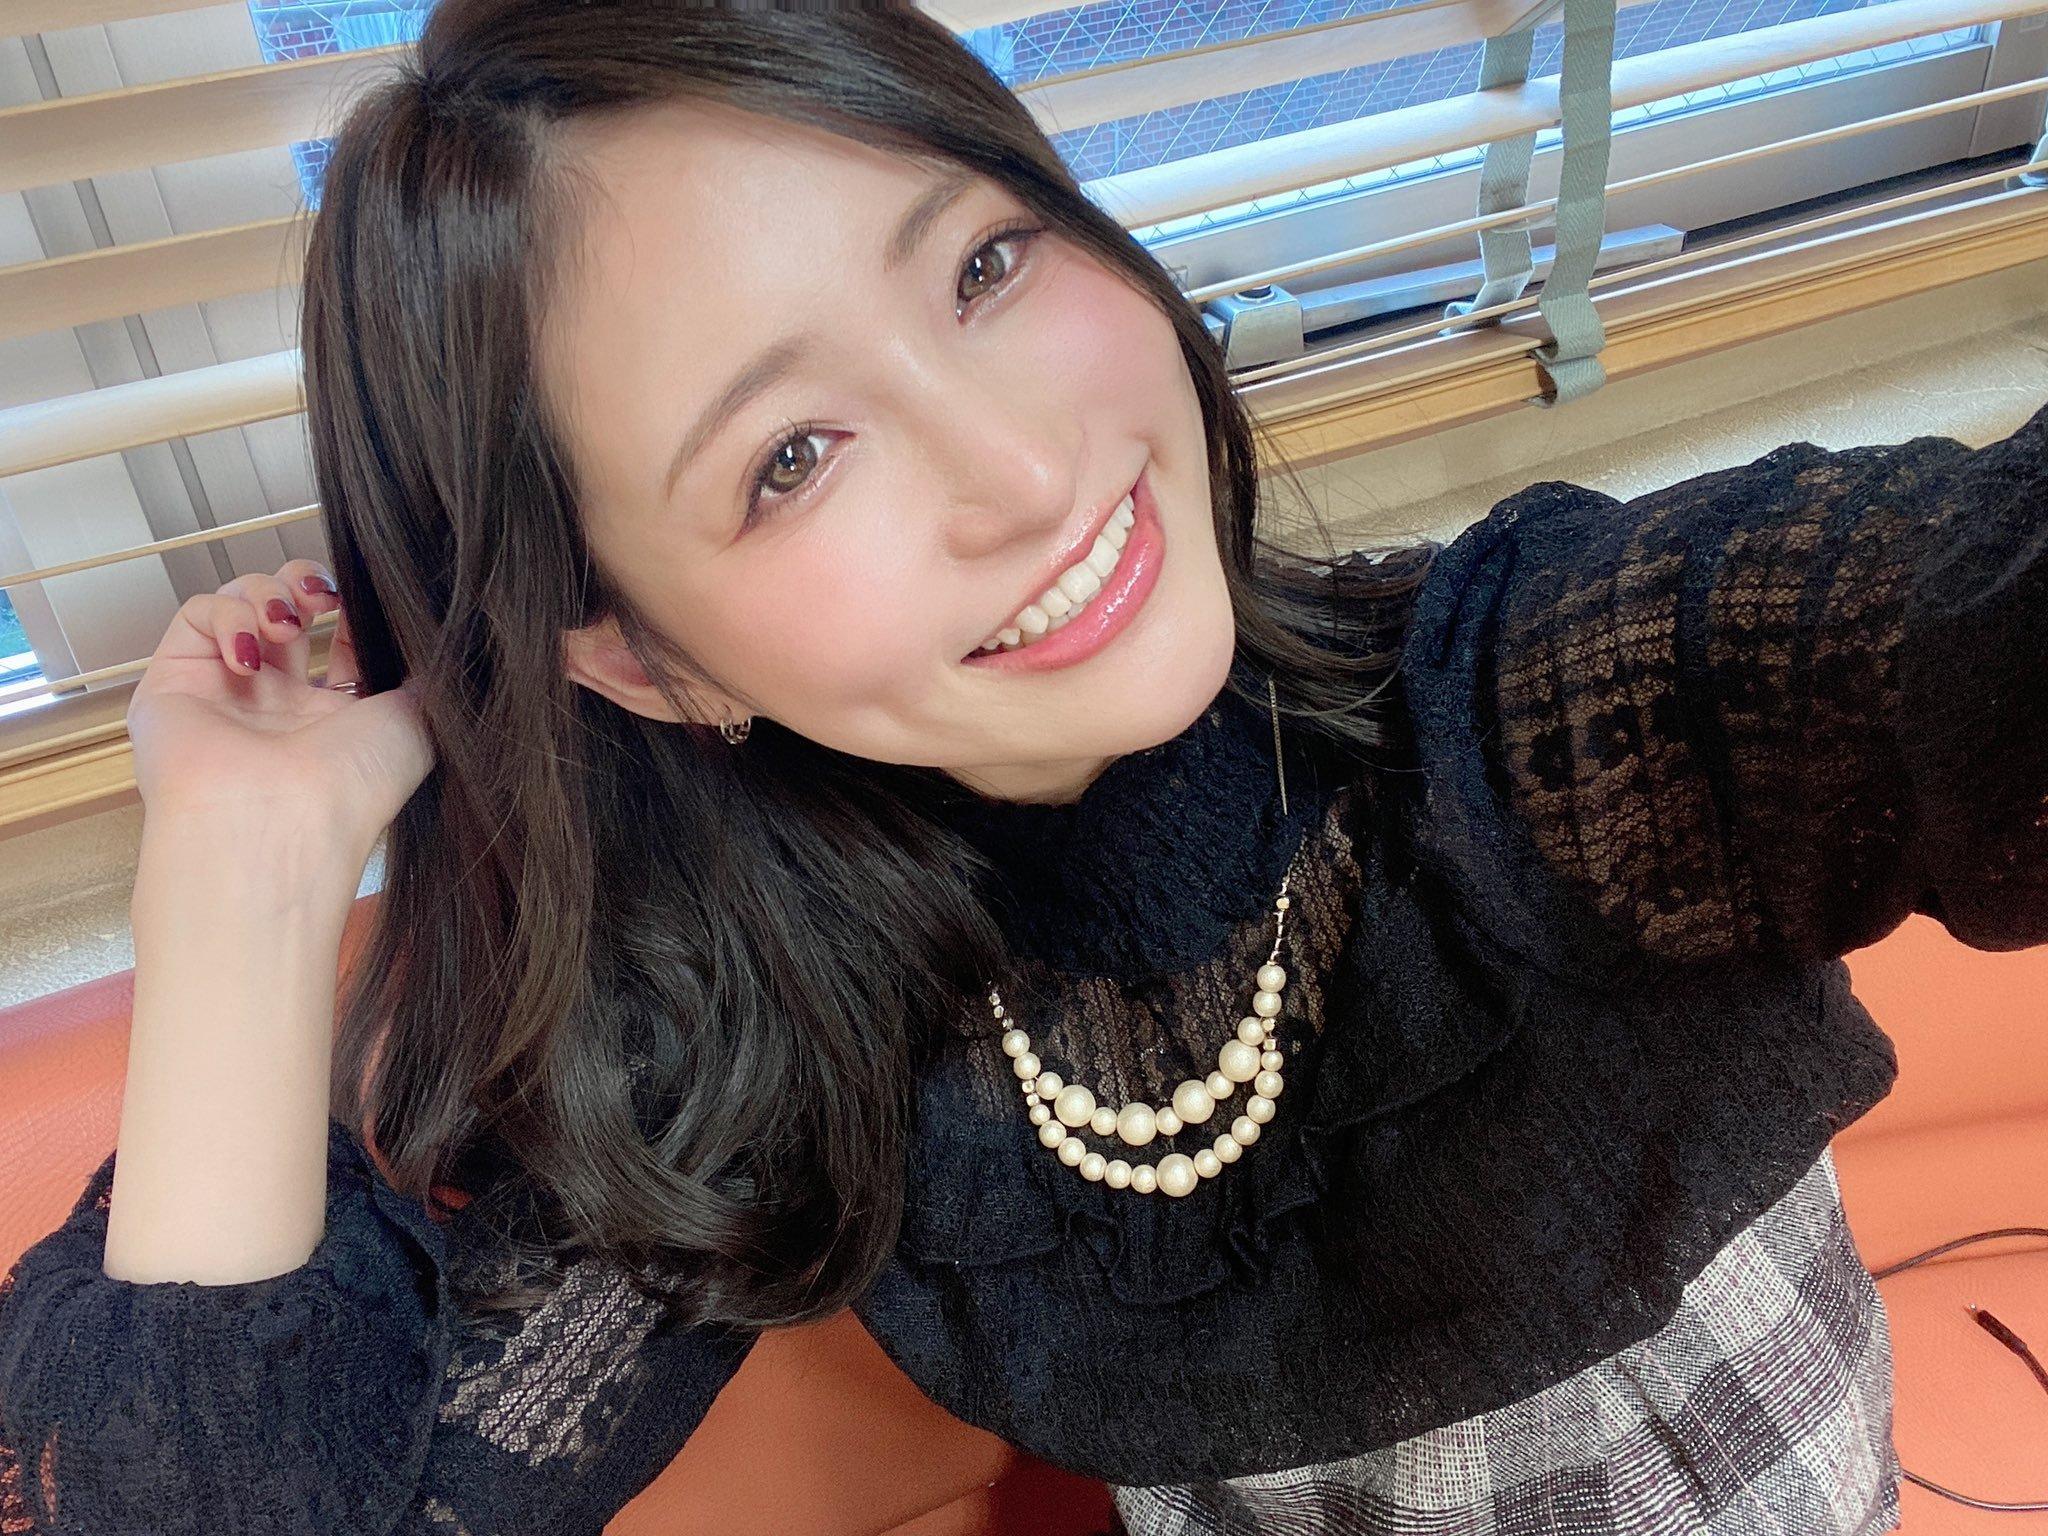 amatsuka_moe 1255407803017187336_p0